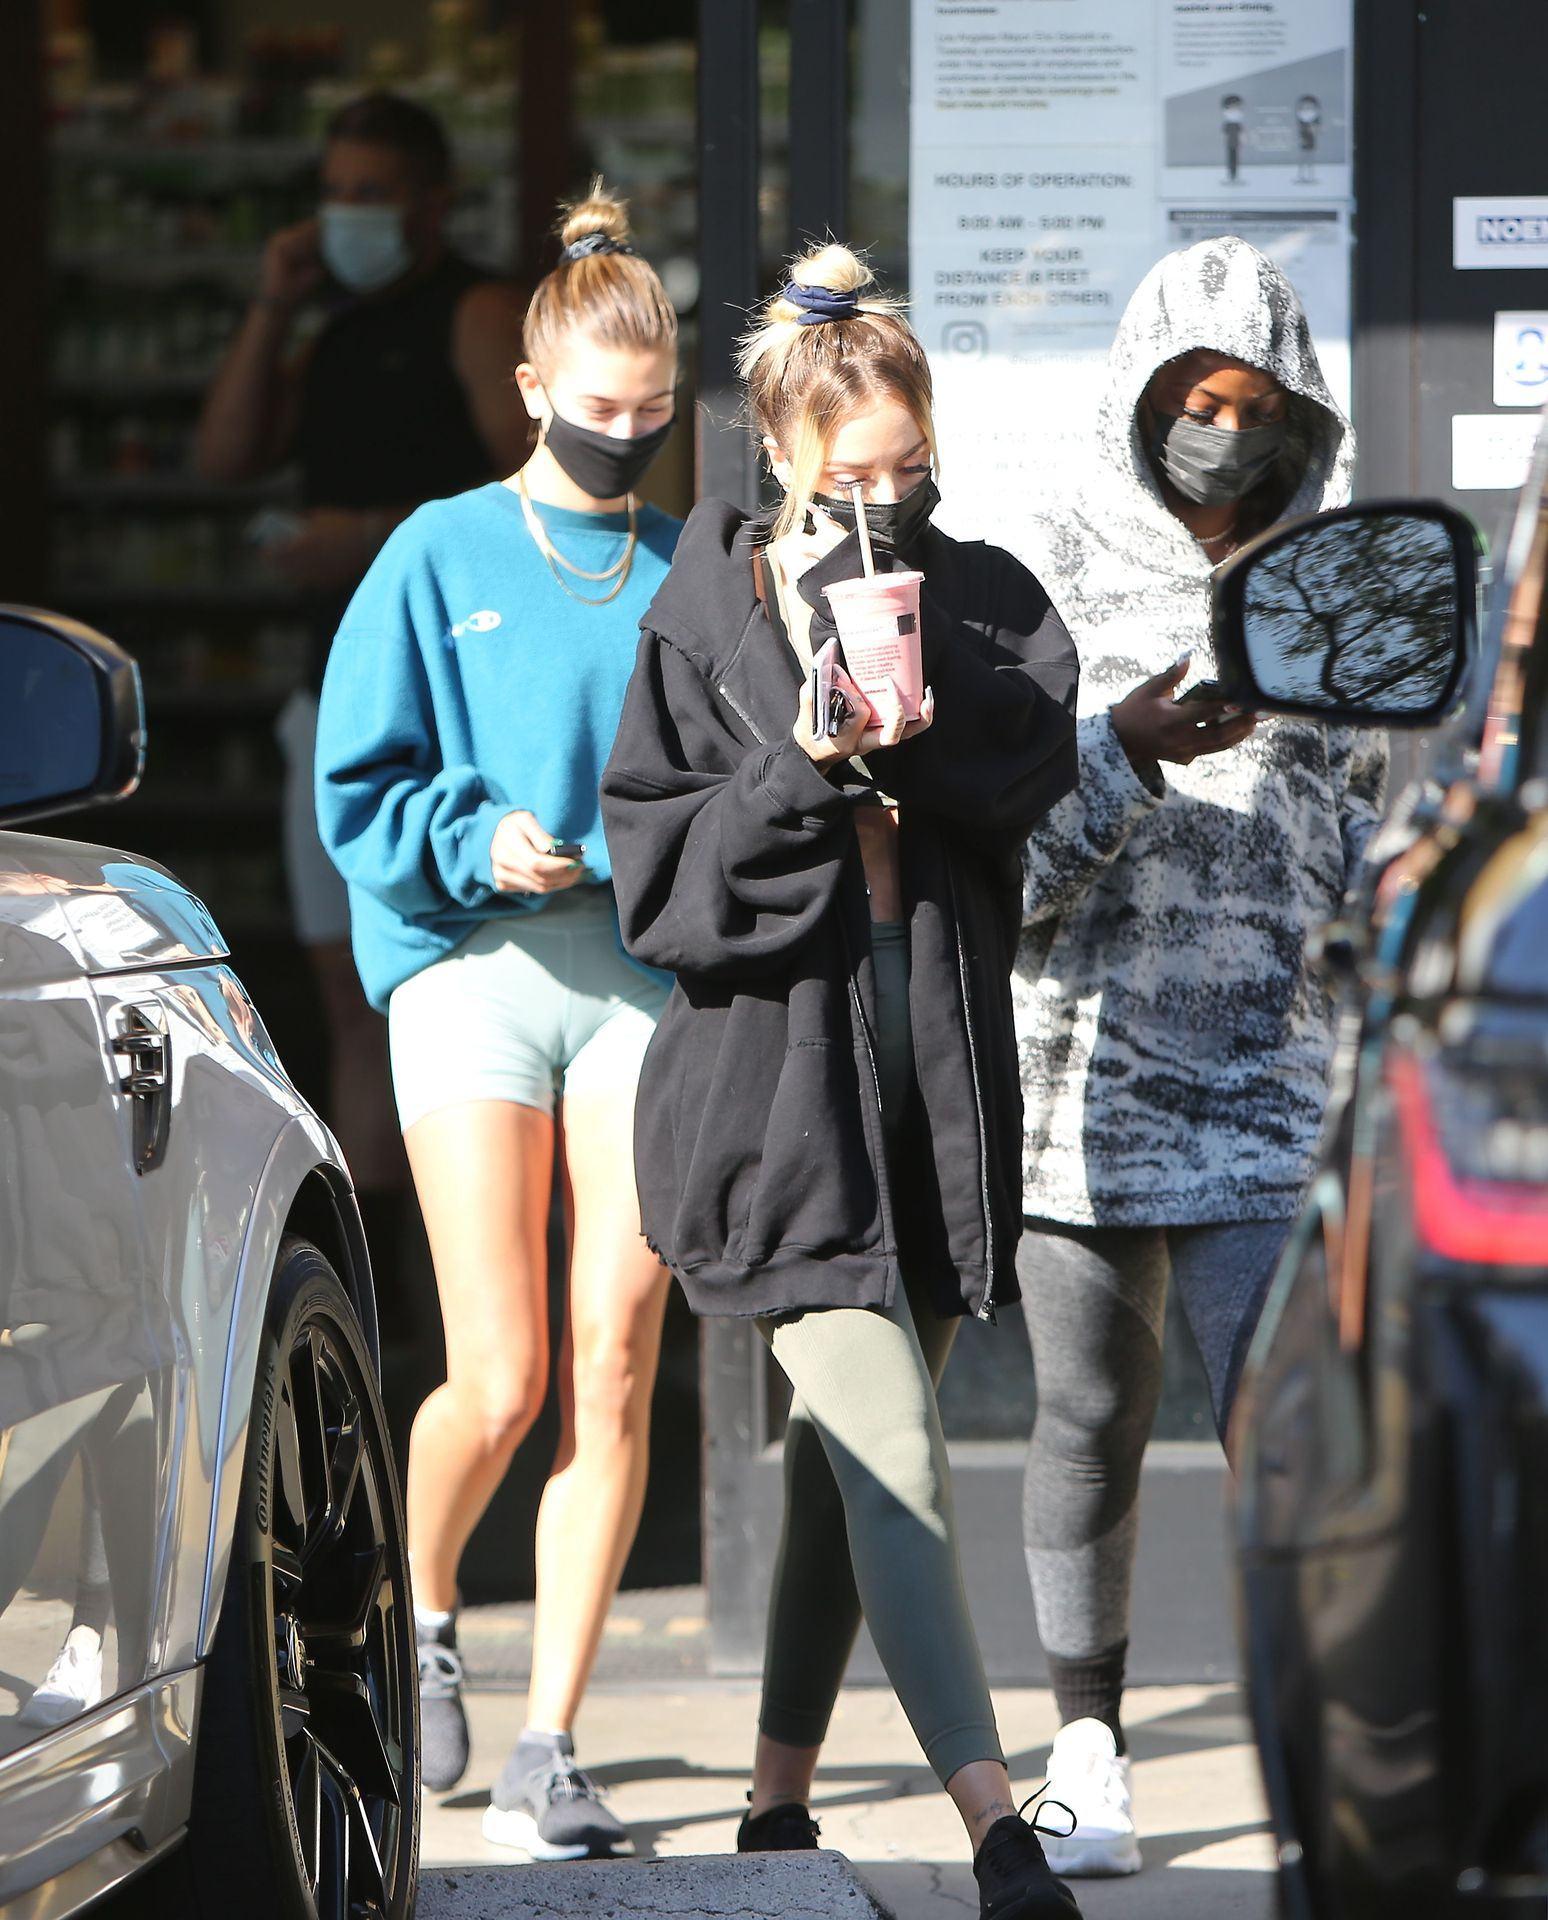 Hailey Baldwin Bieber Cameltoe And Hot Bikini Shots